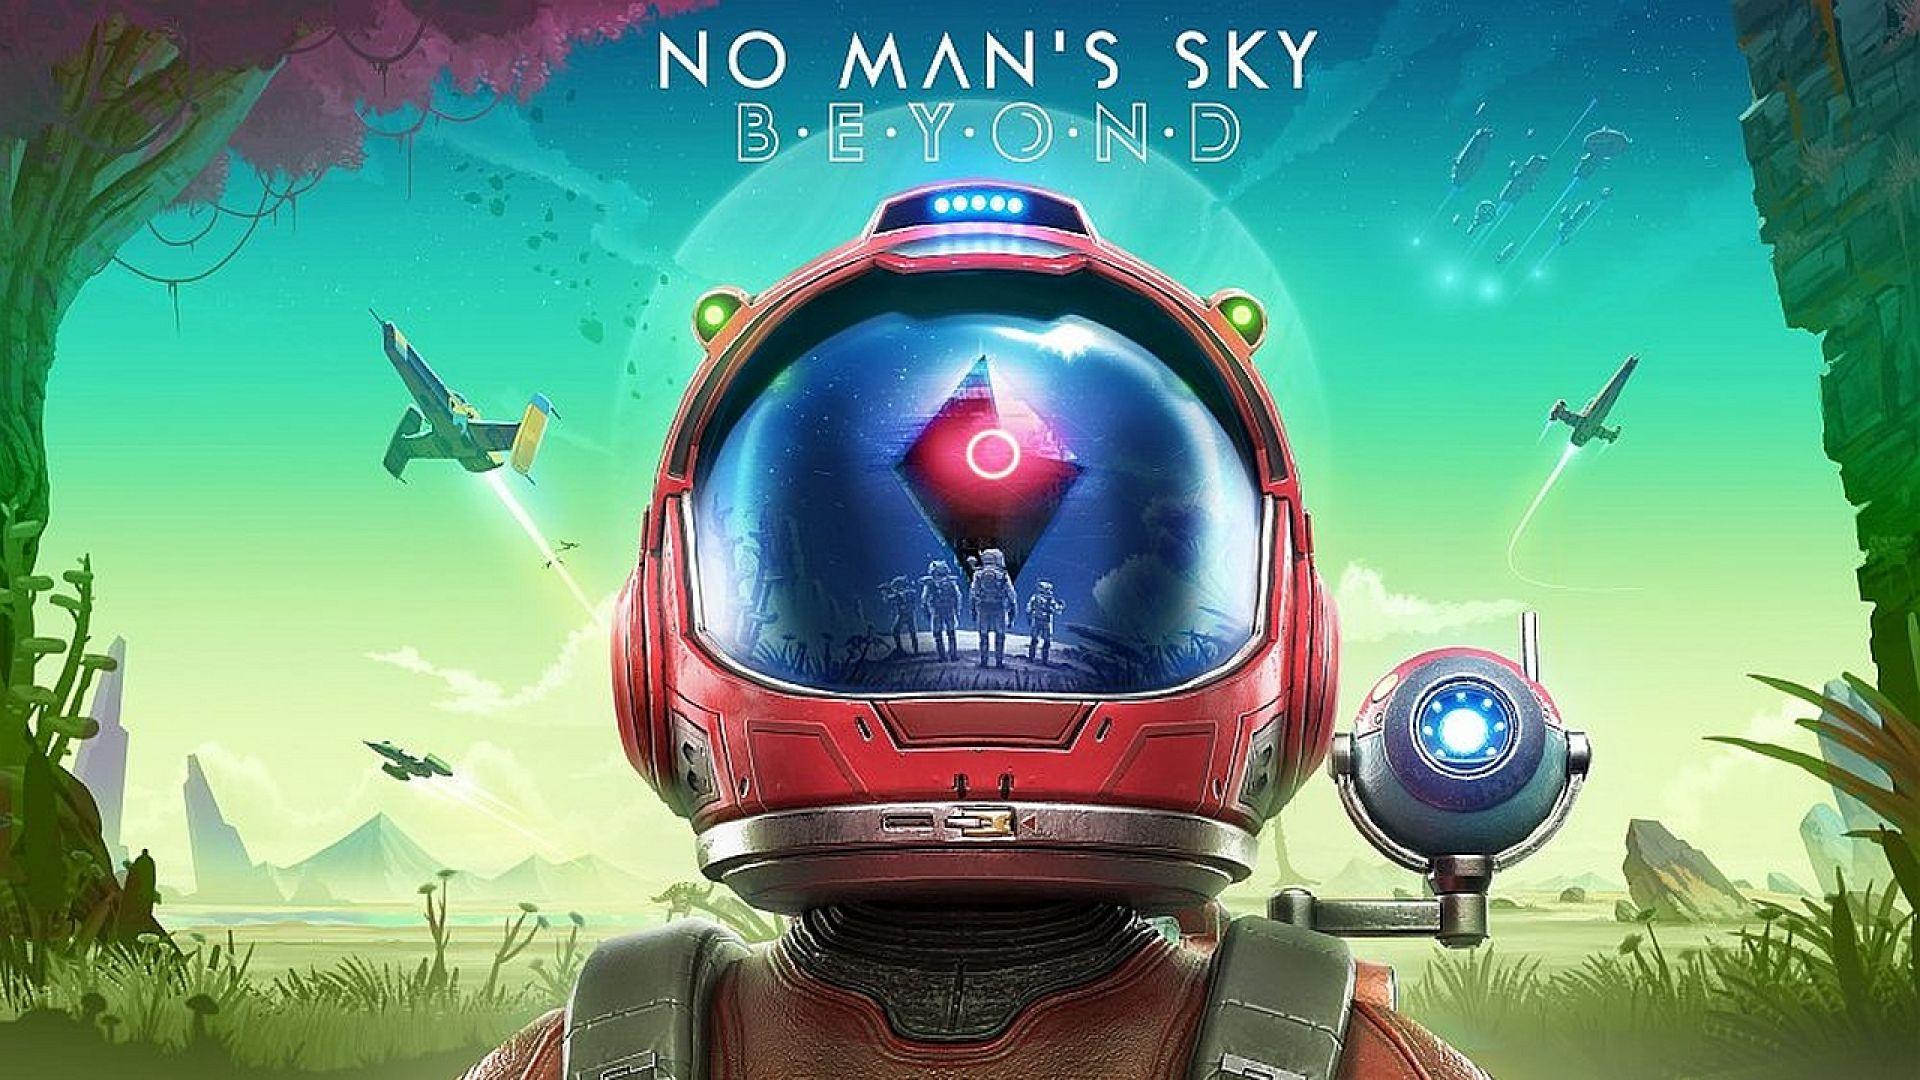 Нов ъпдейт за No Man's Sky изпраща геймърите на различни места във вселената